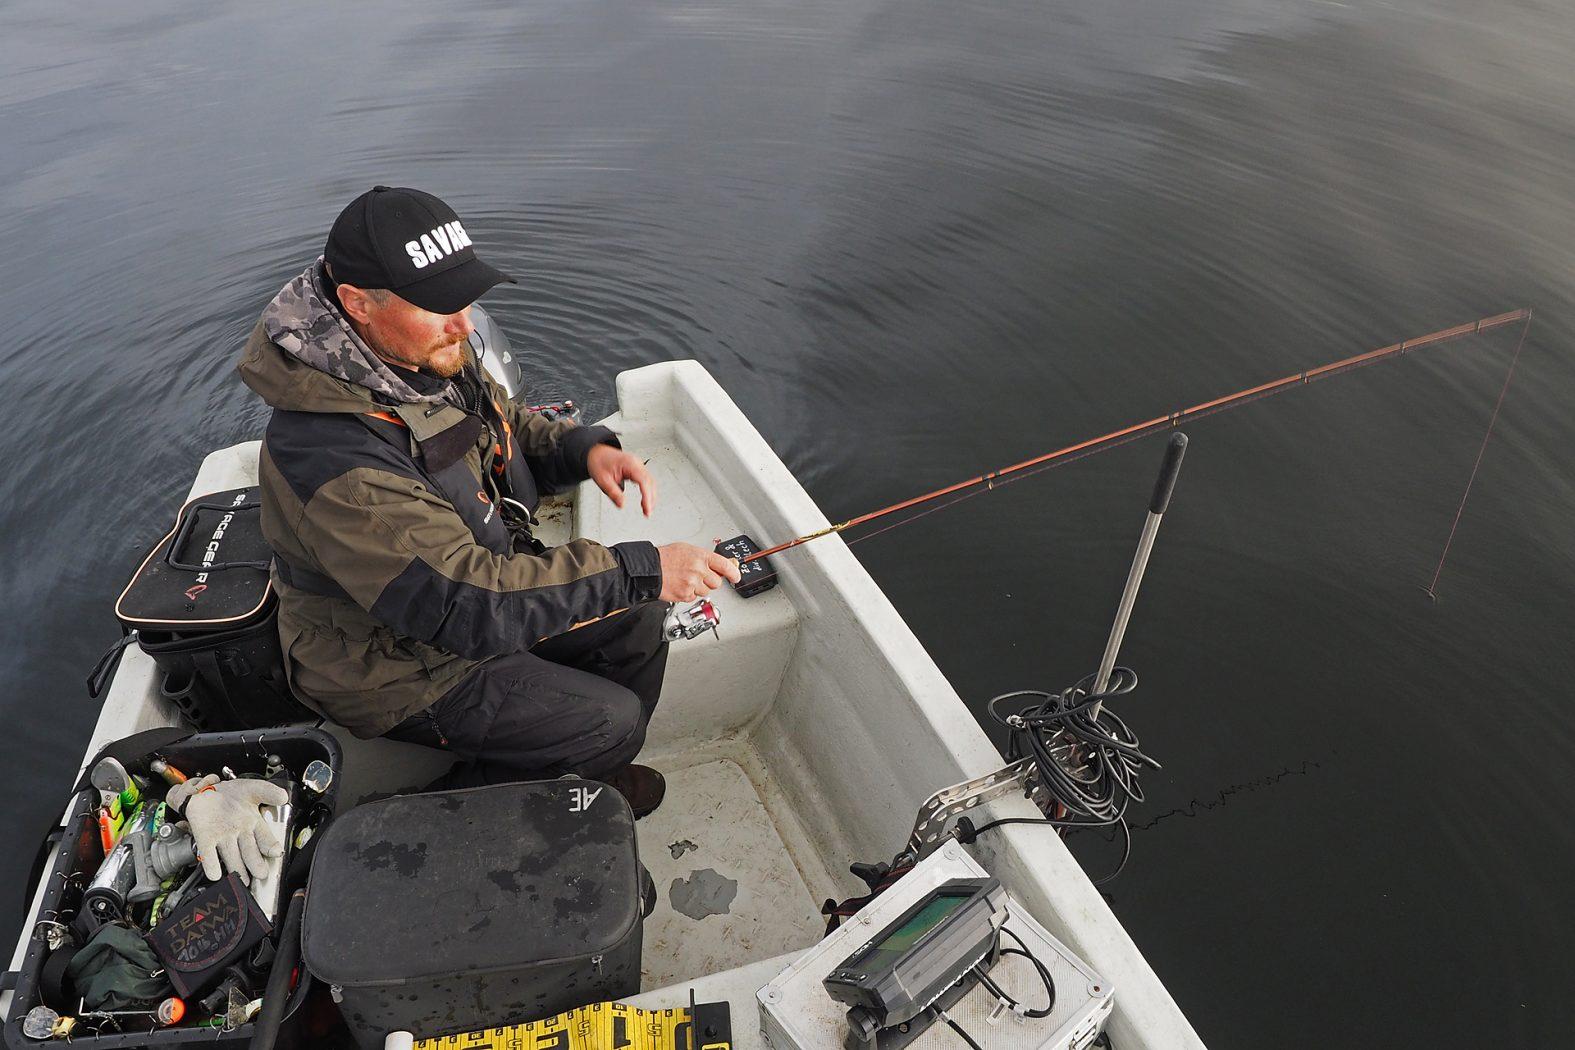 Zocker angeln auf Barsche